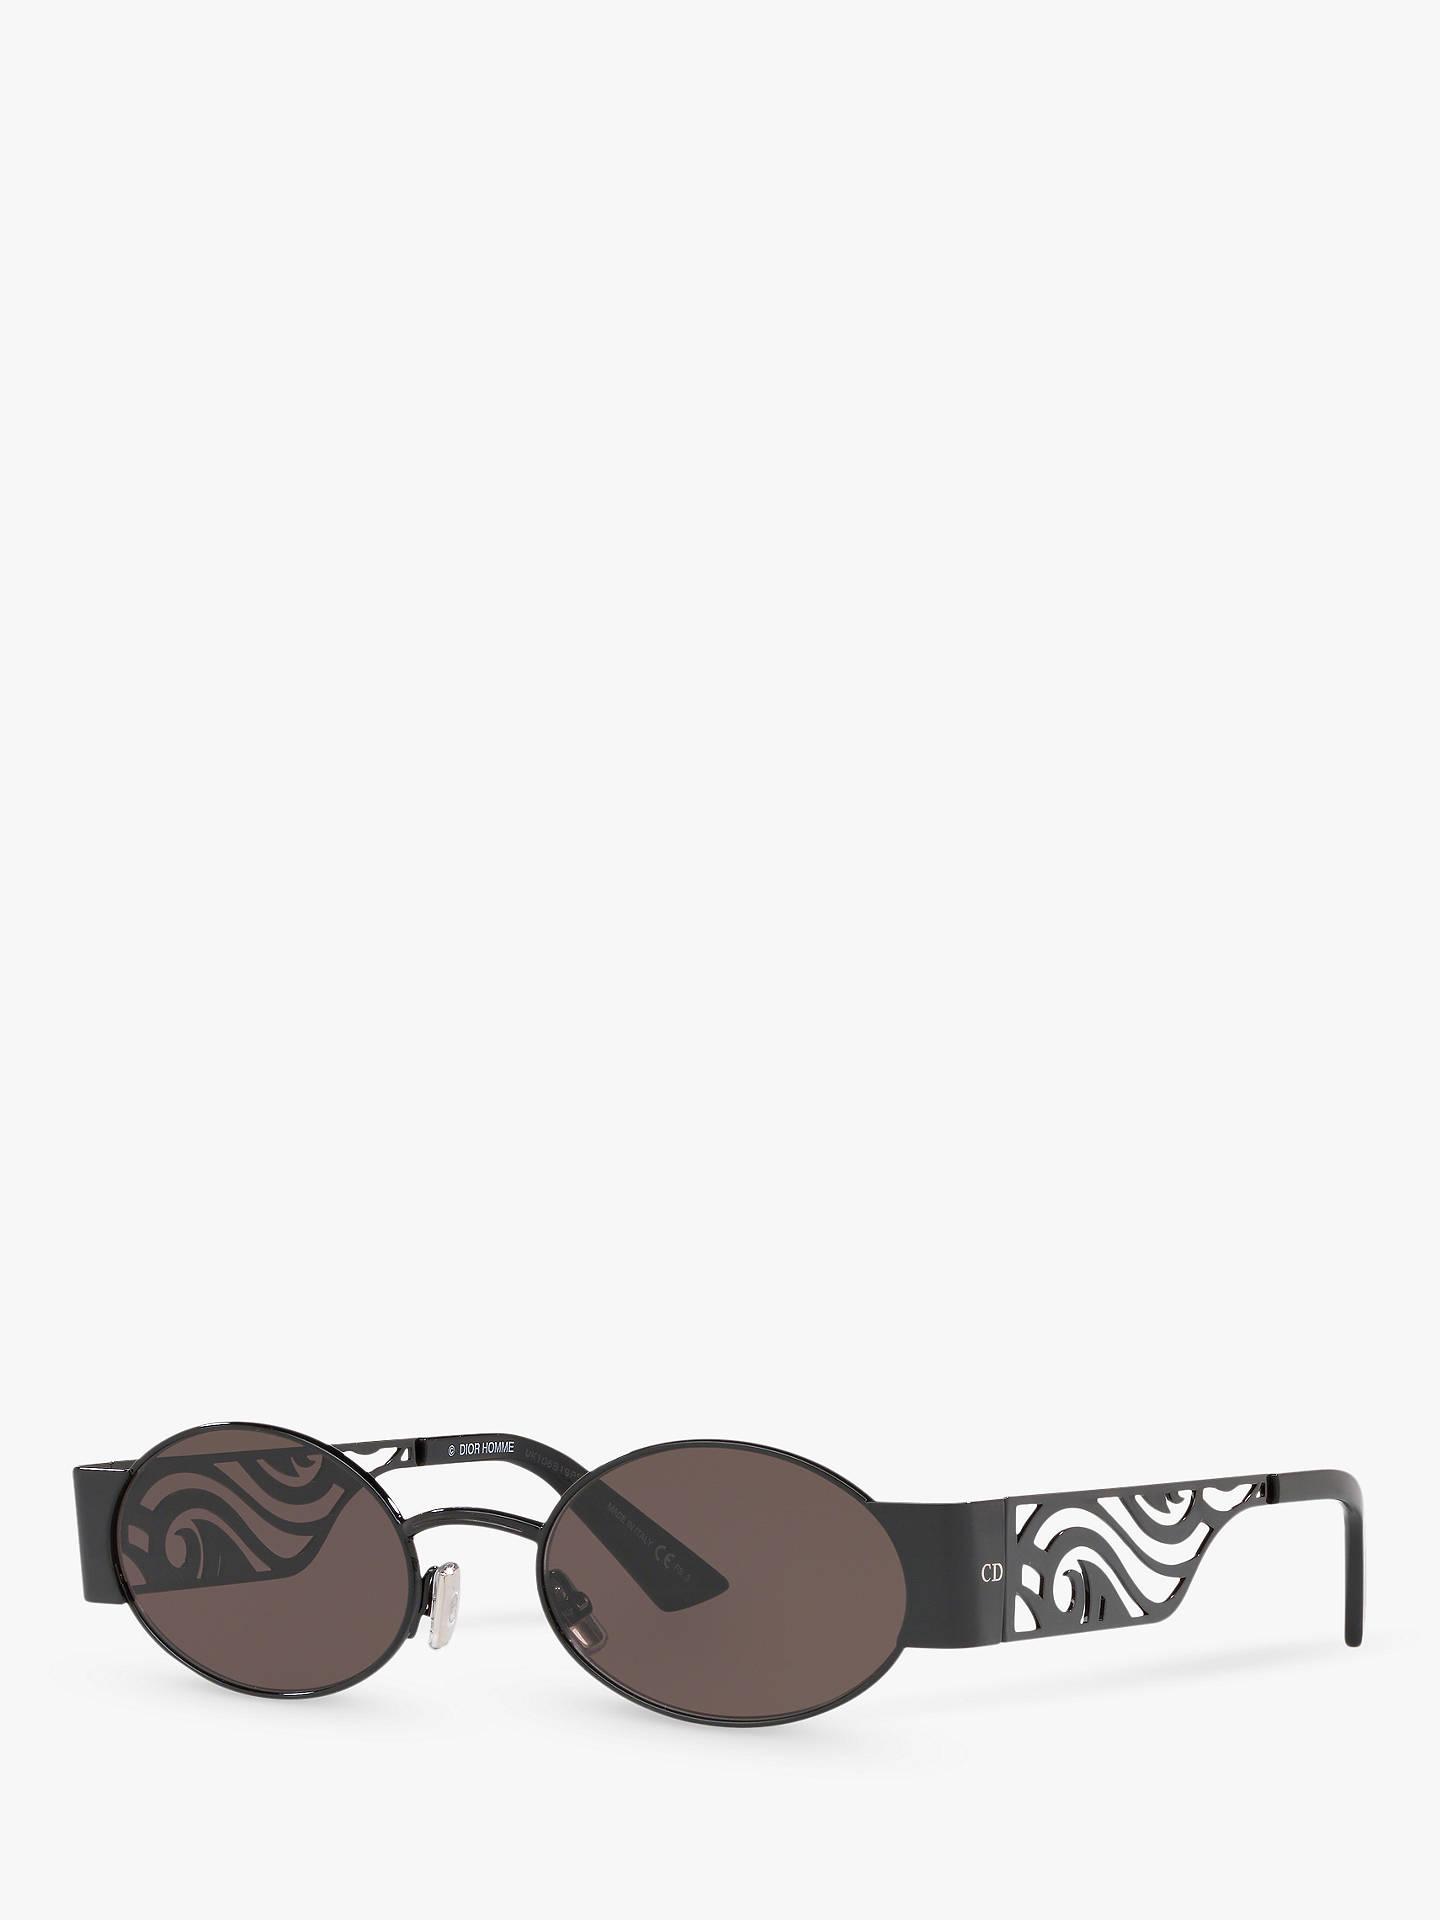 ce5e5225c8 Buy Dior DiorRave Men s Oval Sunglasses